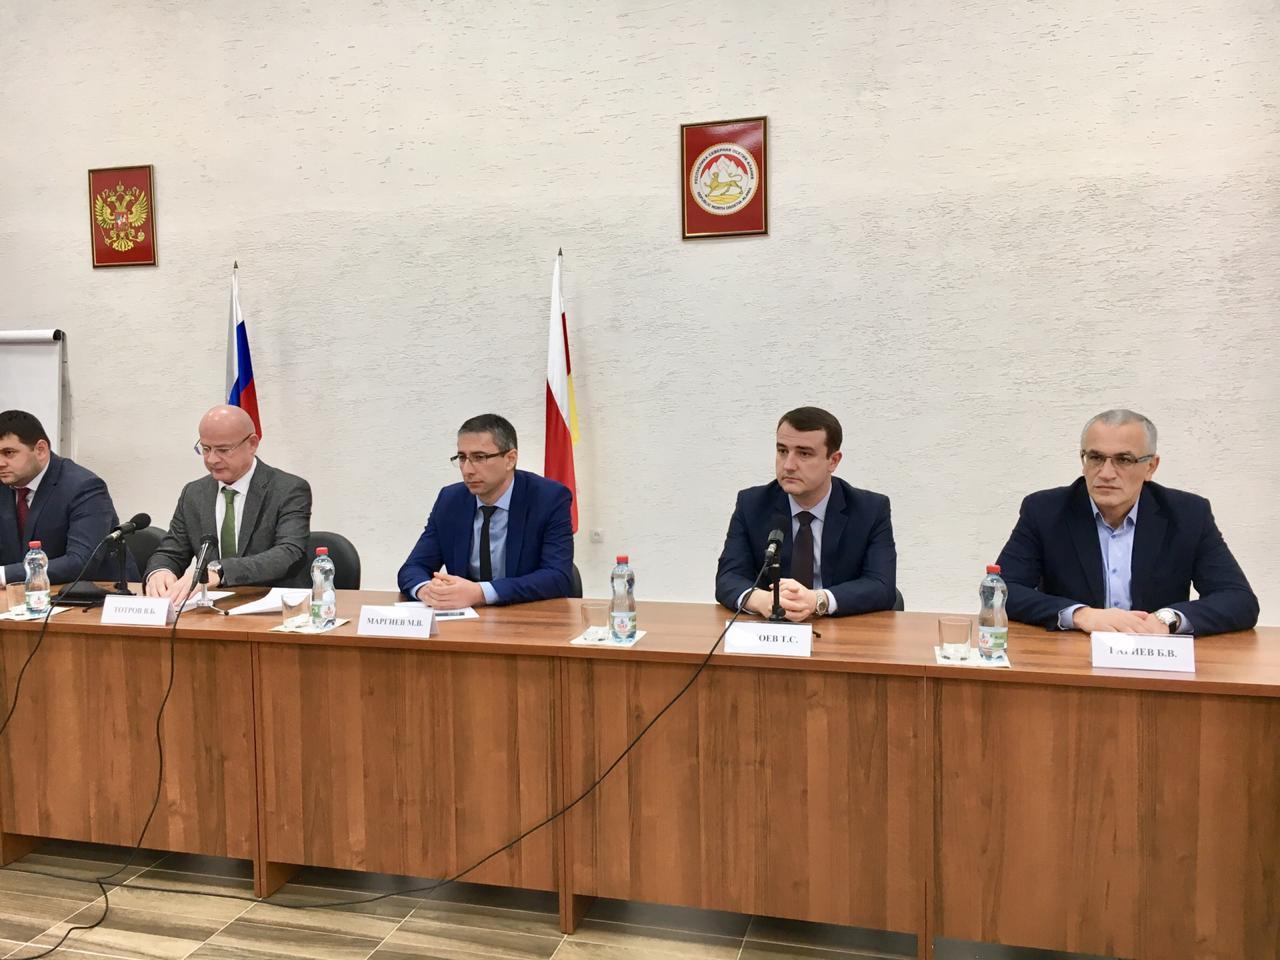 По поручению Главы Республики Северная Осетия-Алания в 2018 году созданы Советы по предпринимательству при Главах муниципальных образований Республики Северная Осетия-Алания.